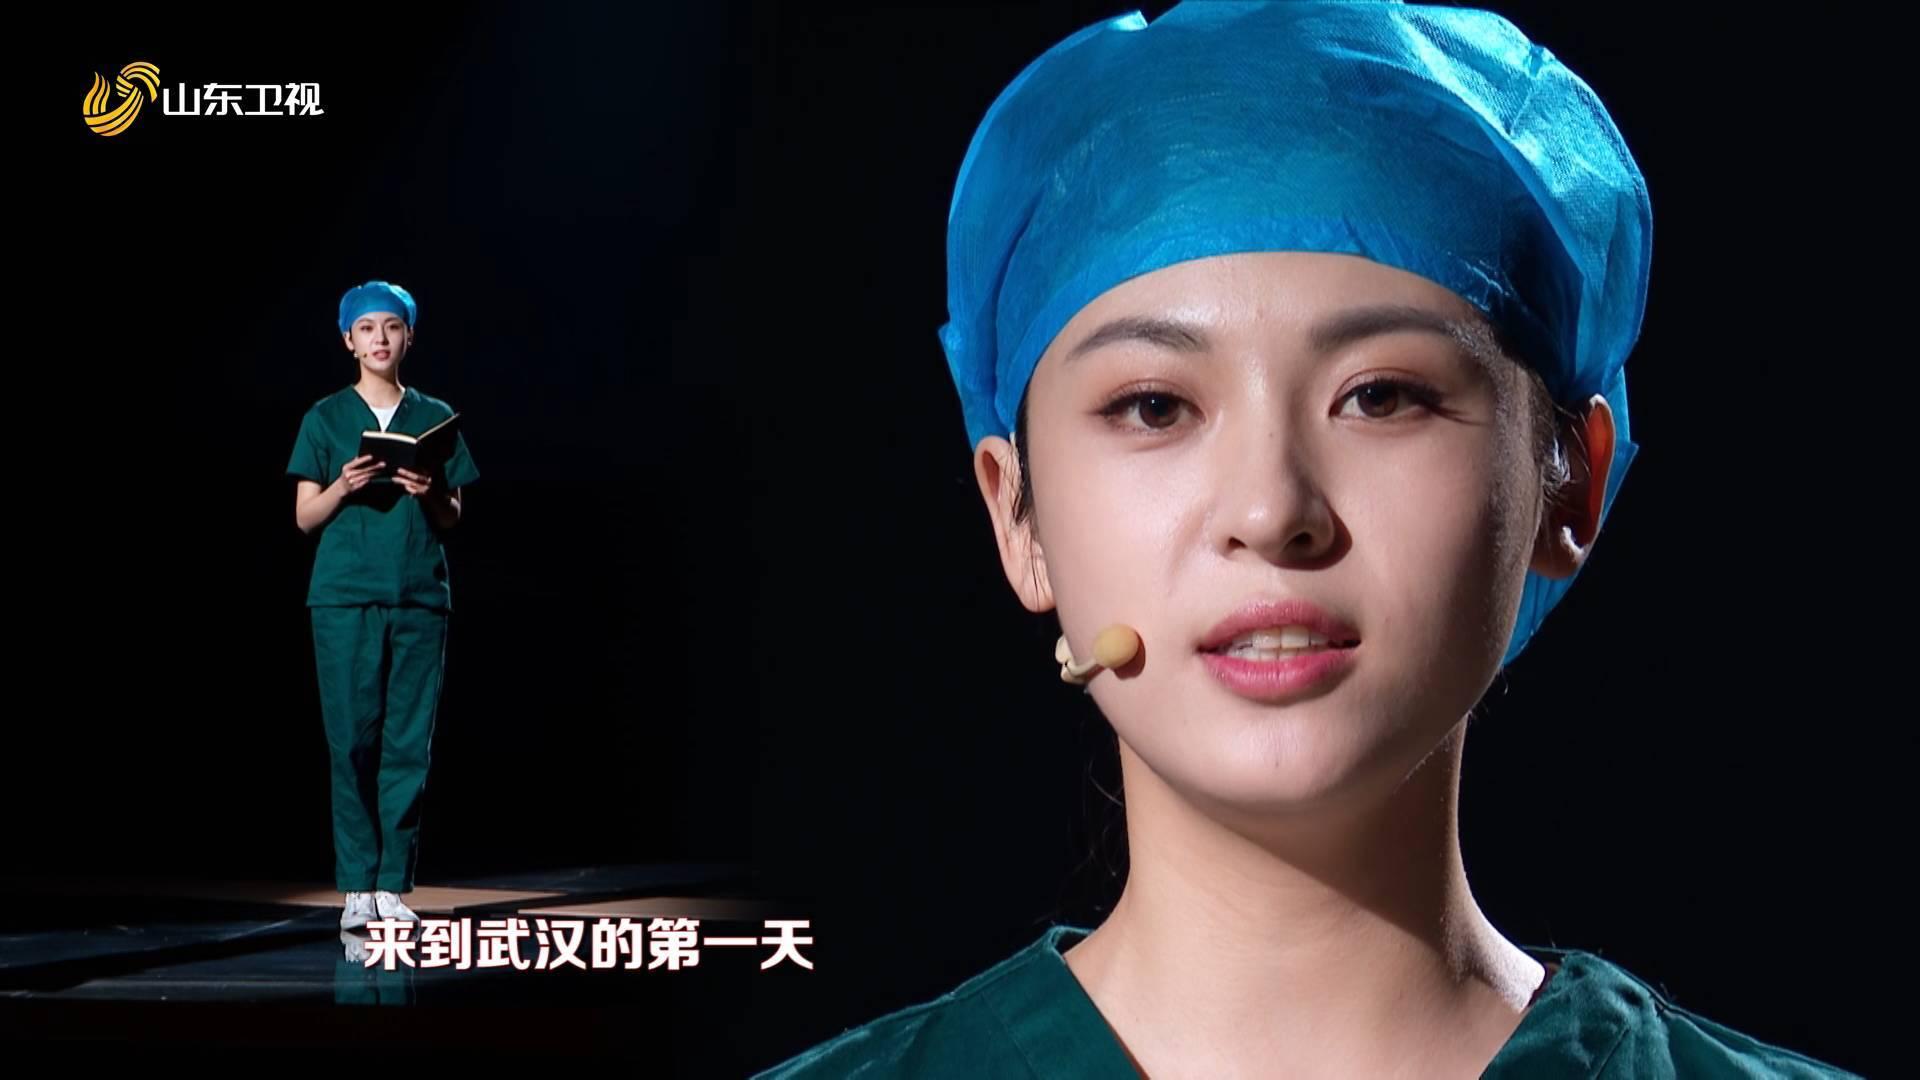 2021山东春晚 周放、刘智扬《为爱出征》 向最美逆行者致敬